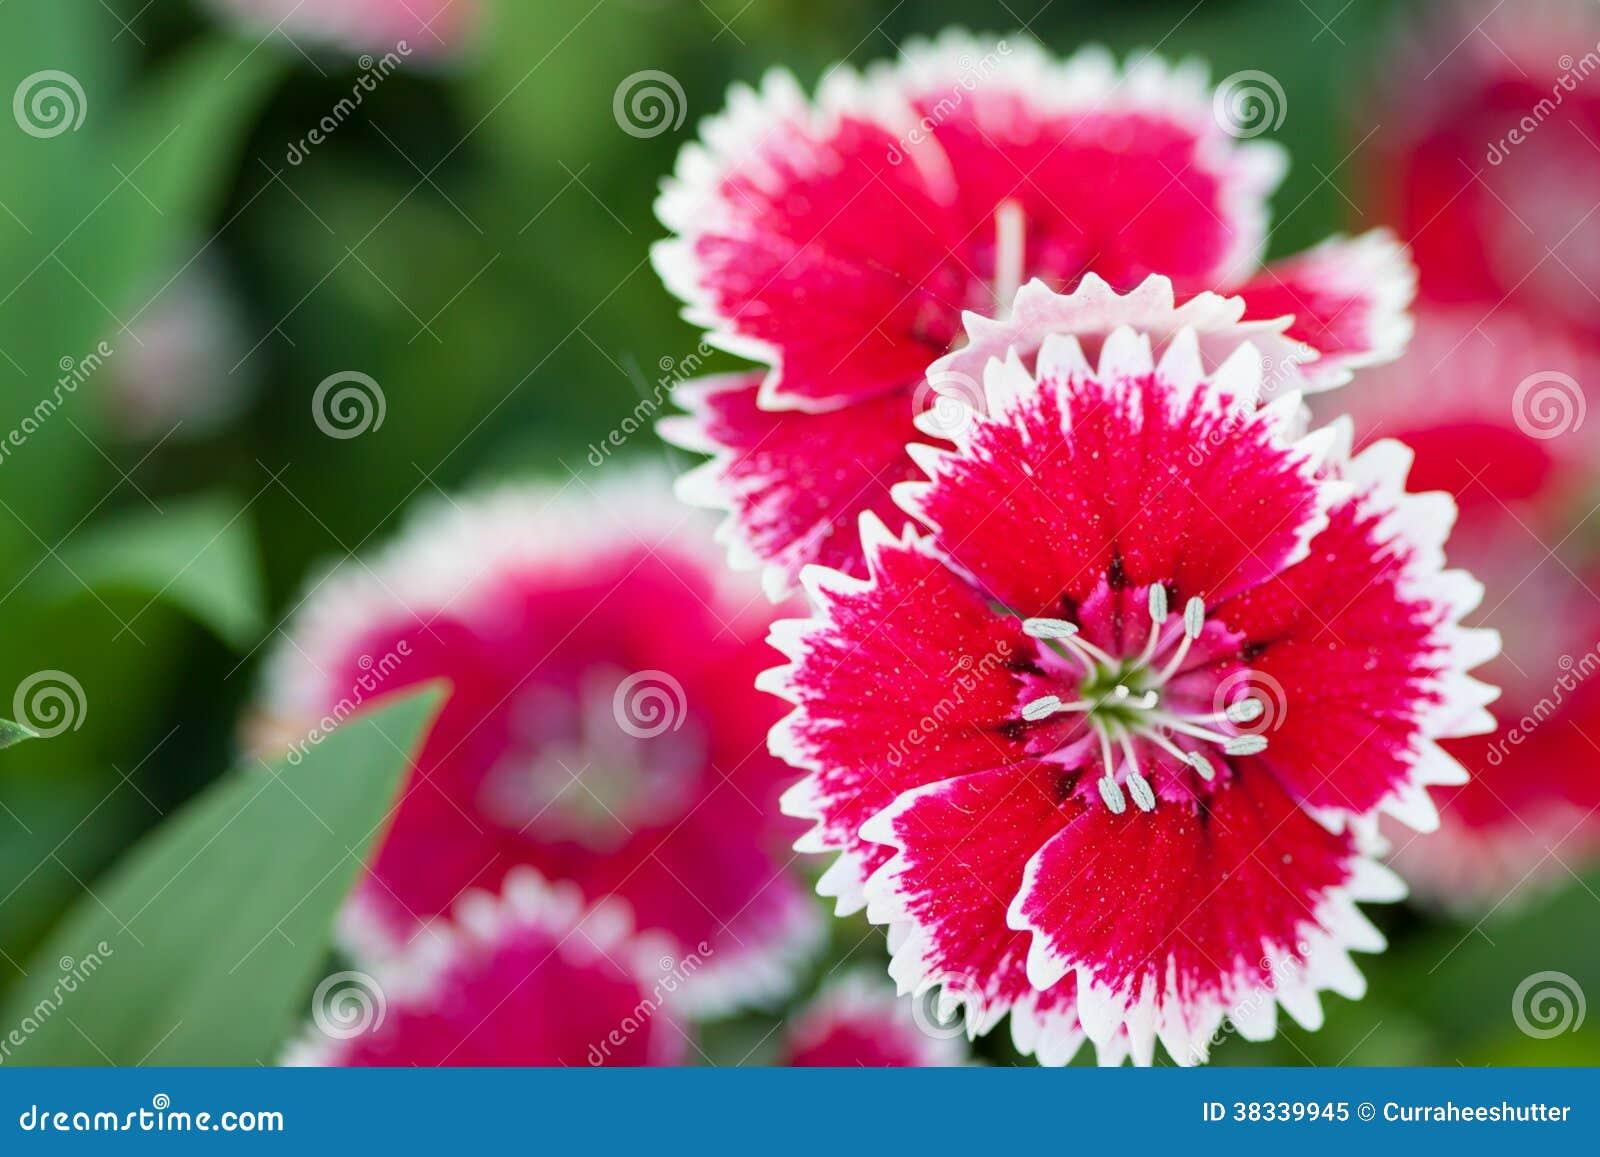 Fleurs chinensis d 39 oeillet dans le jardin photo libre de for Fleurs dans le jardin